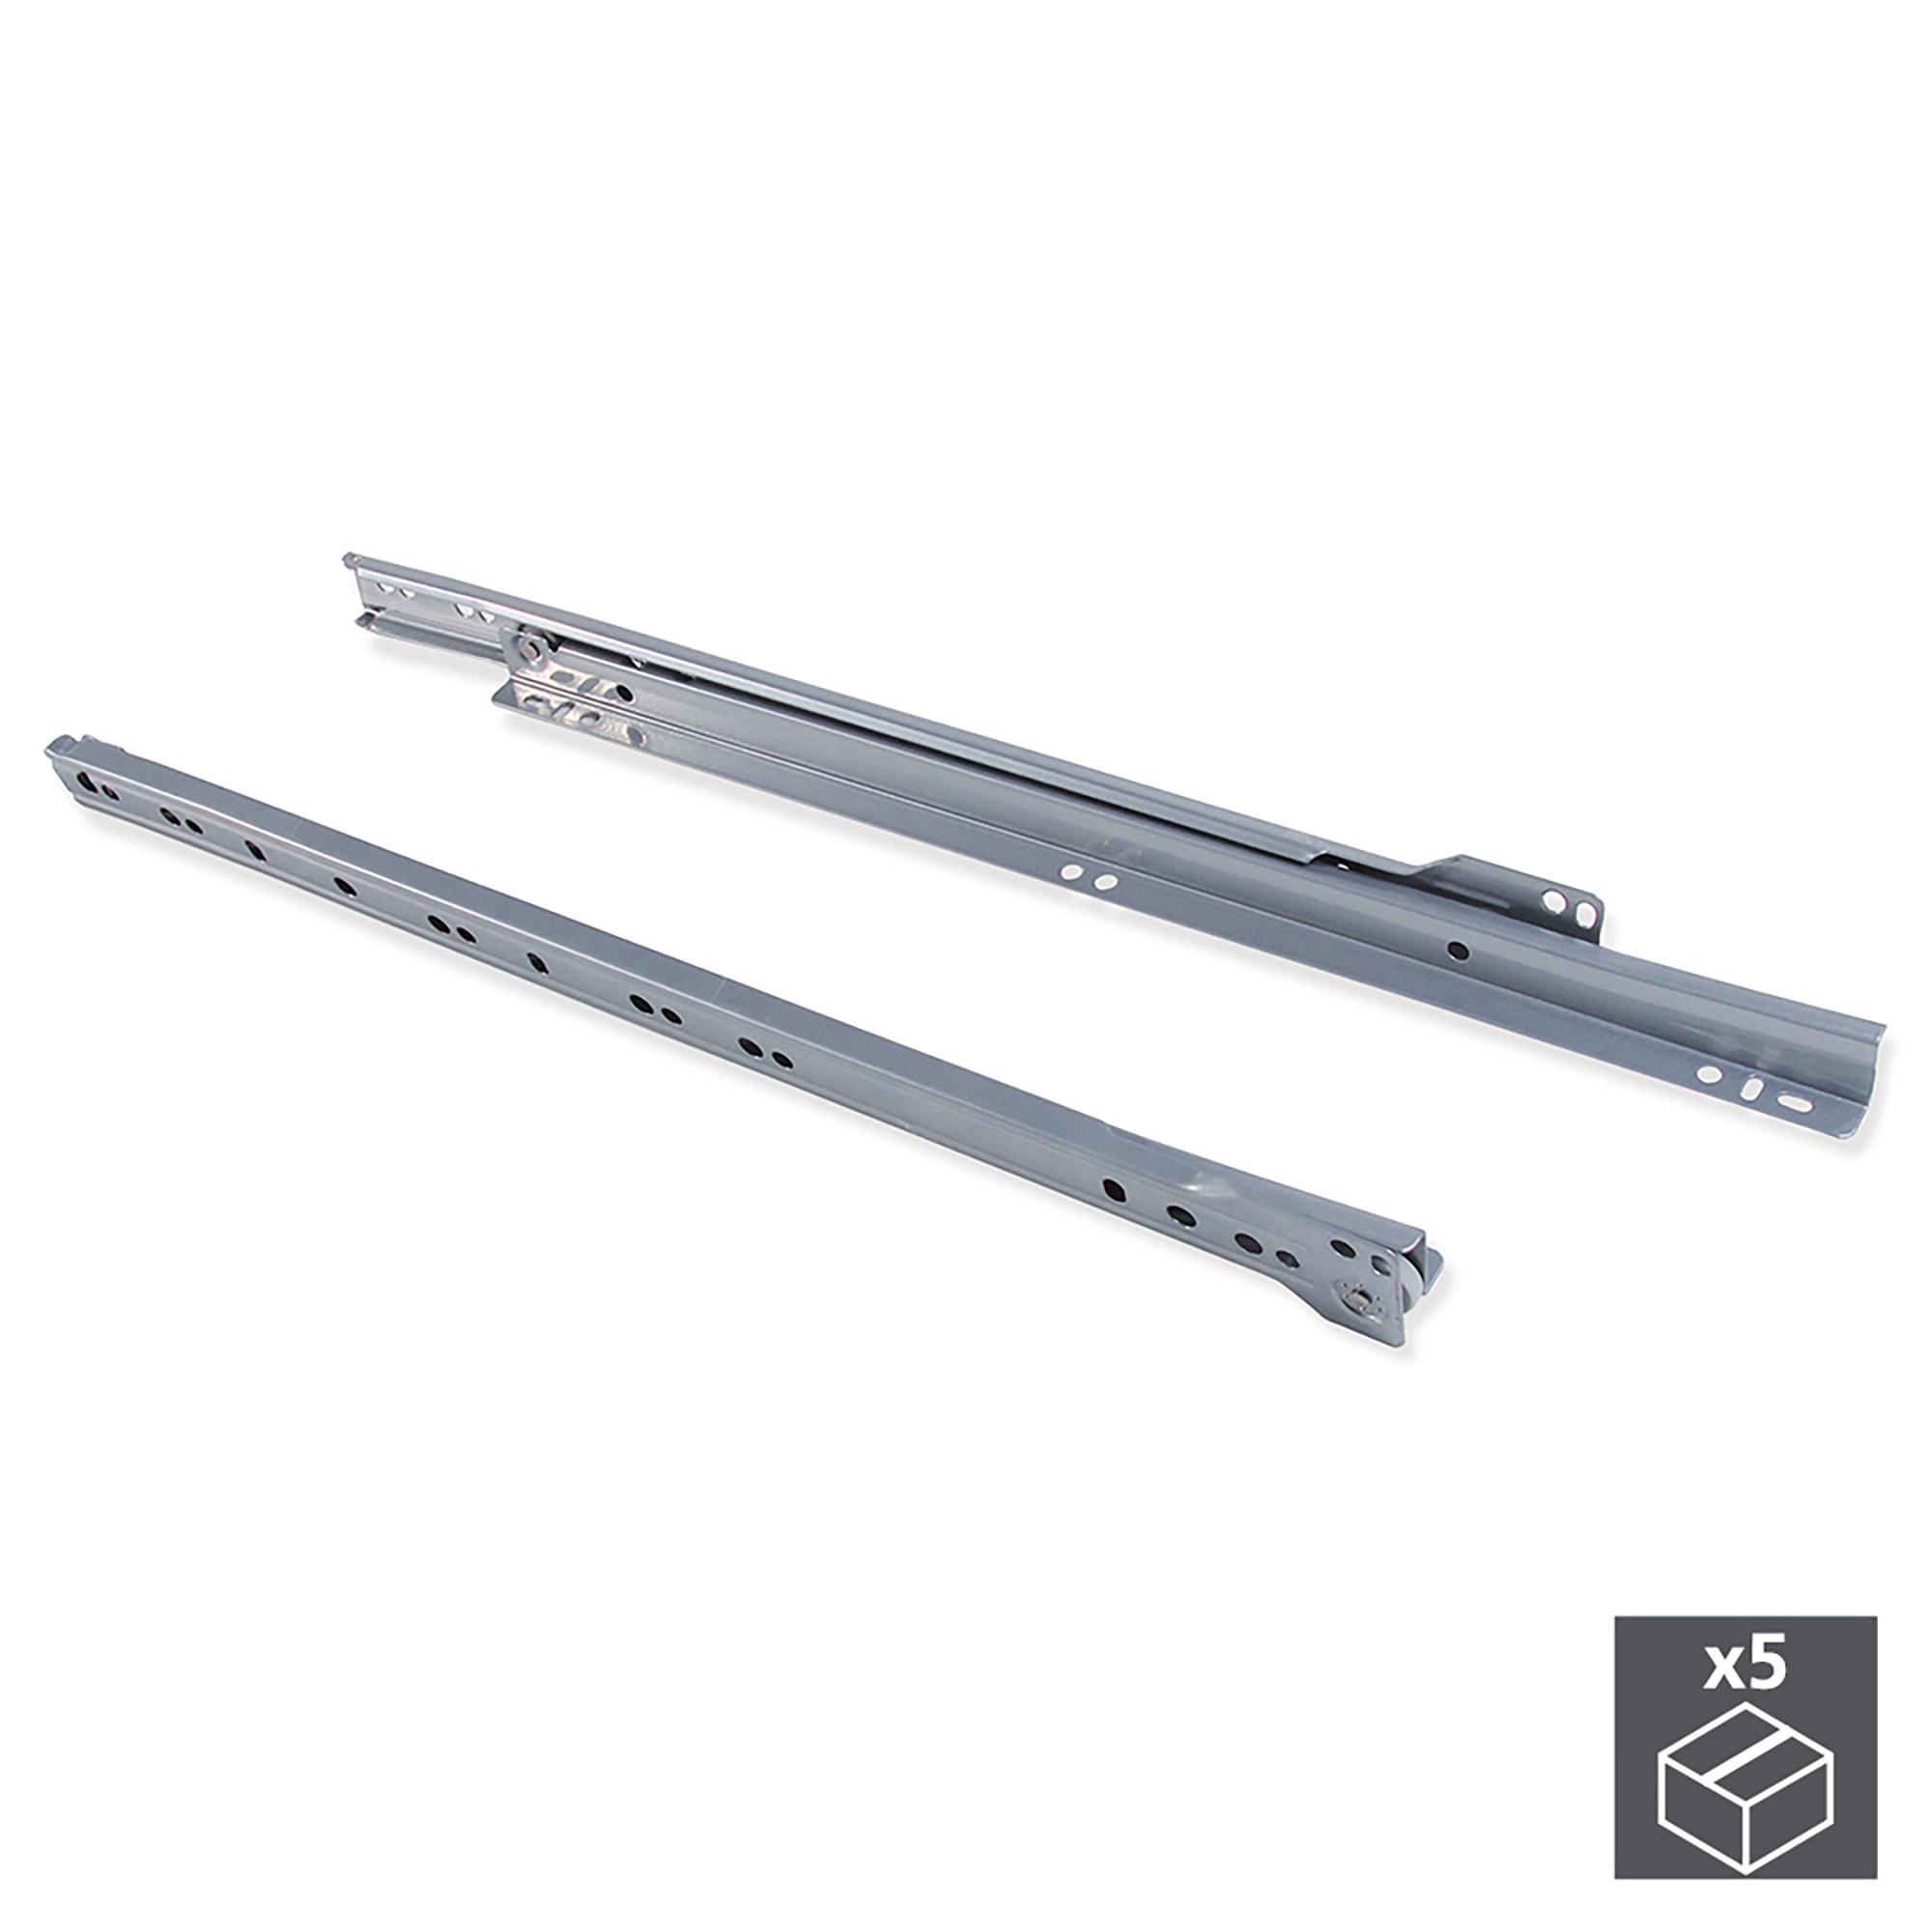 Emuca Kit Guide a rotella per cassetti, chiusura con caduta, 450 mm, a estrazione parziale, Grigio metallizzato, 5 u.